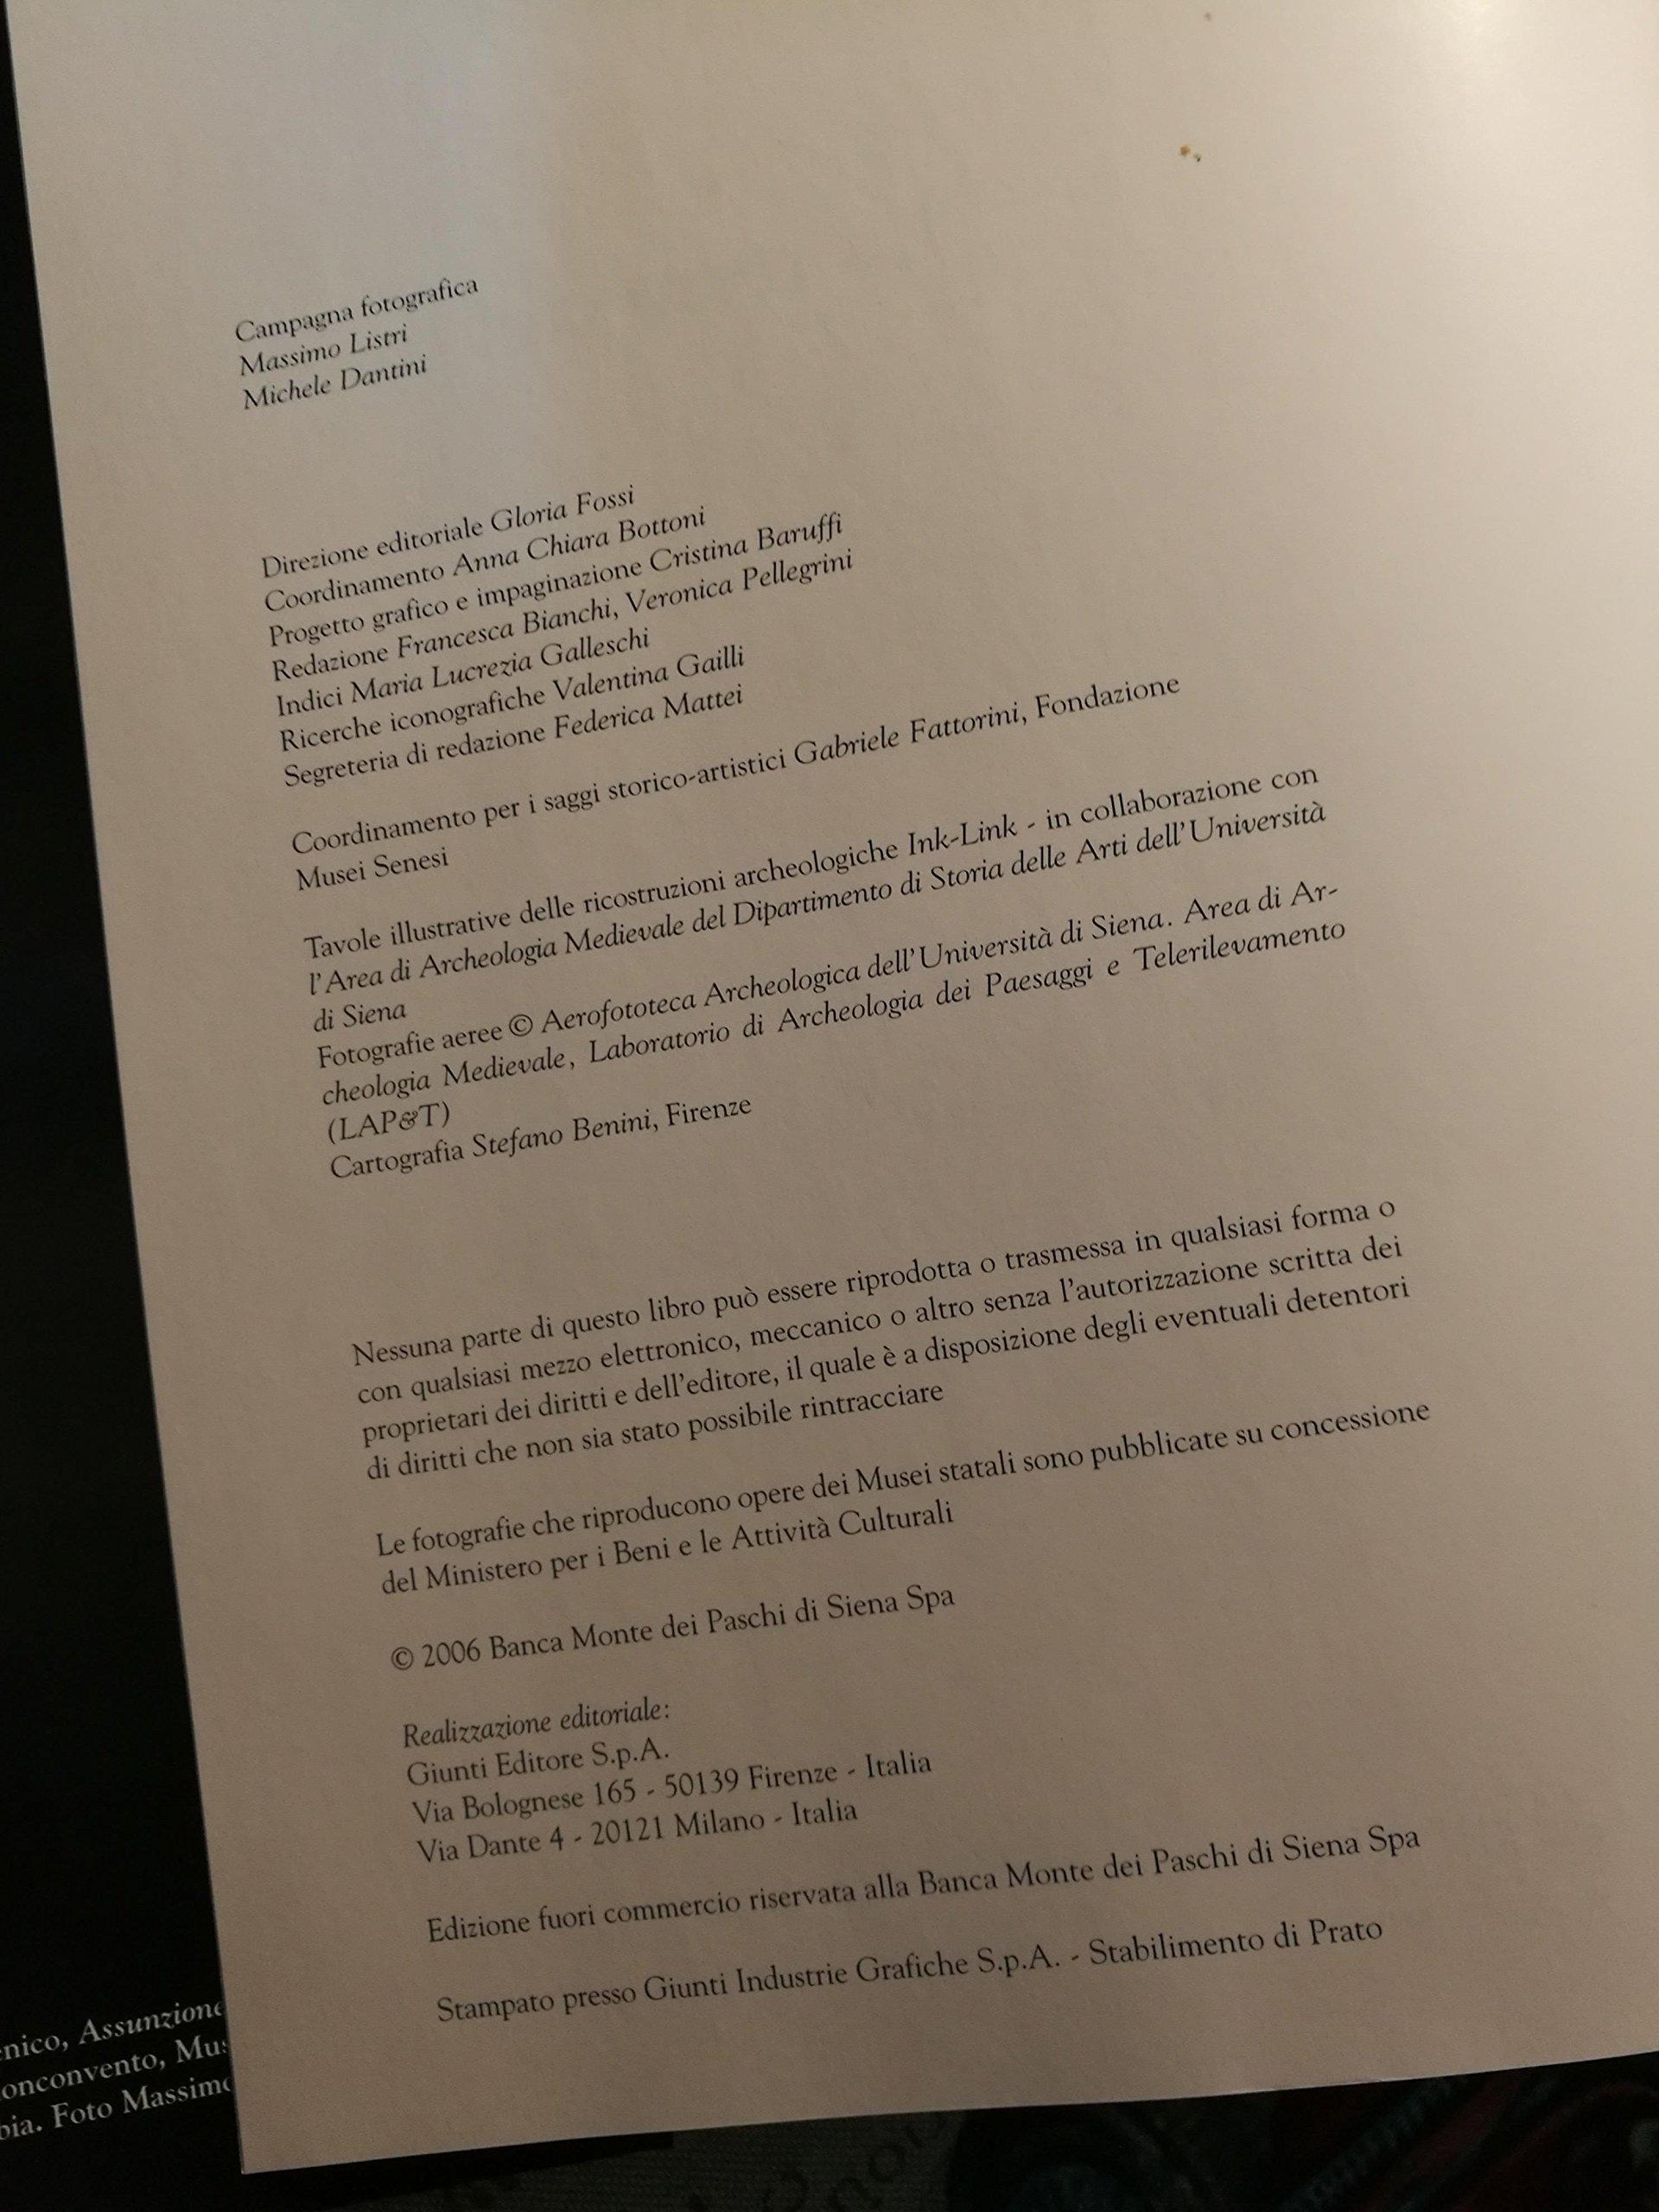 28bd8993fa Amazon.it: La terra dei musei: paesaggio arte storia del territorio senese.  Con la collaborazione di Gloria Fossi. - DETTI Tommaso (a cura di) - Libri